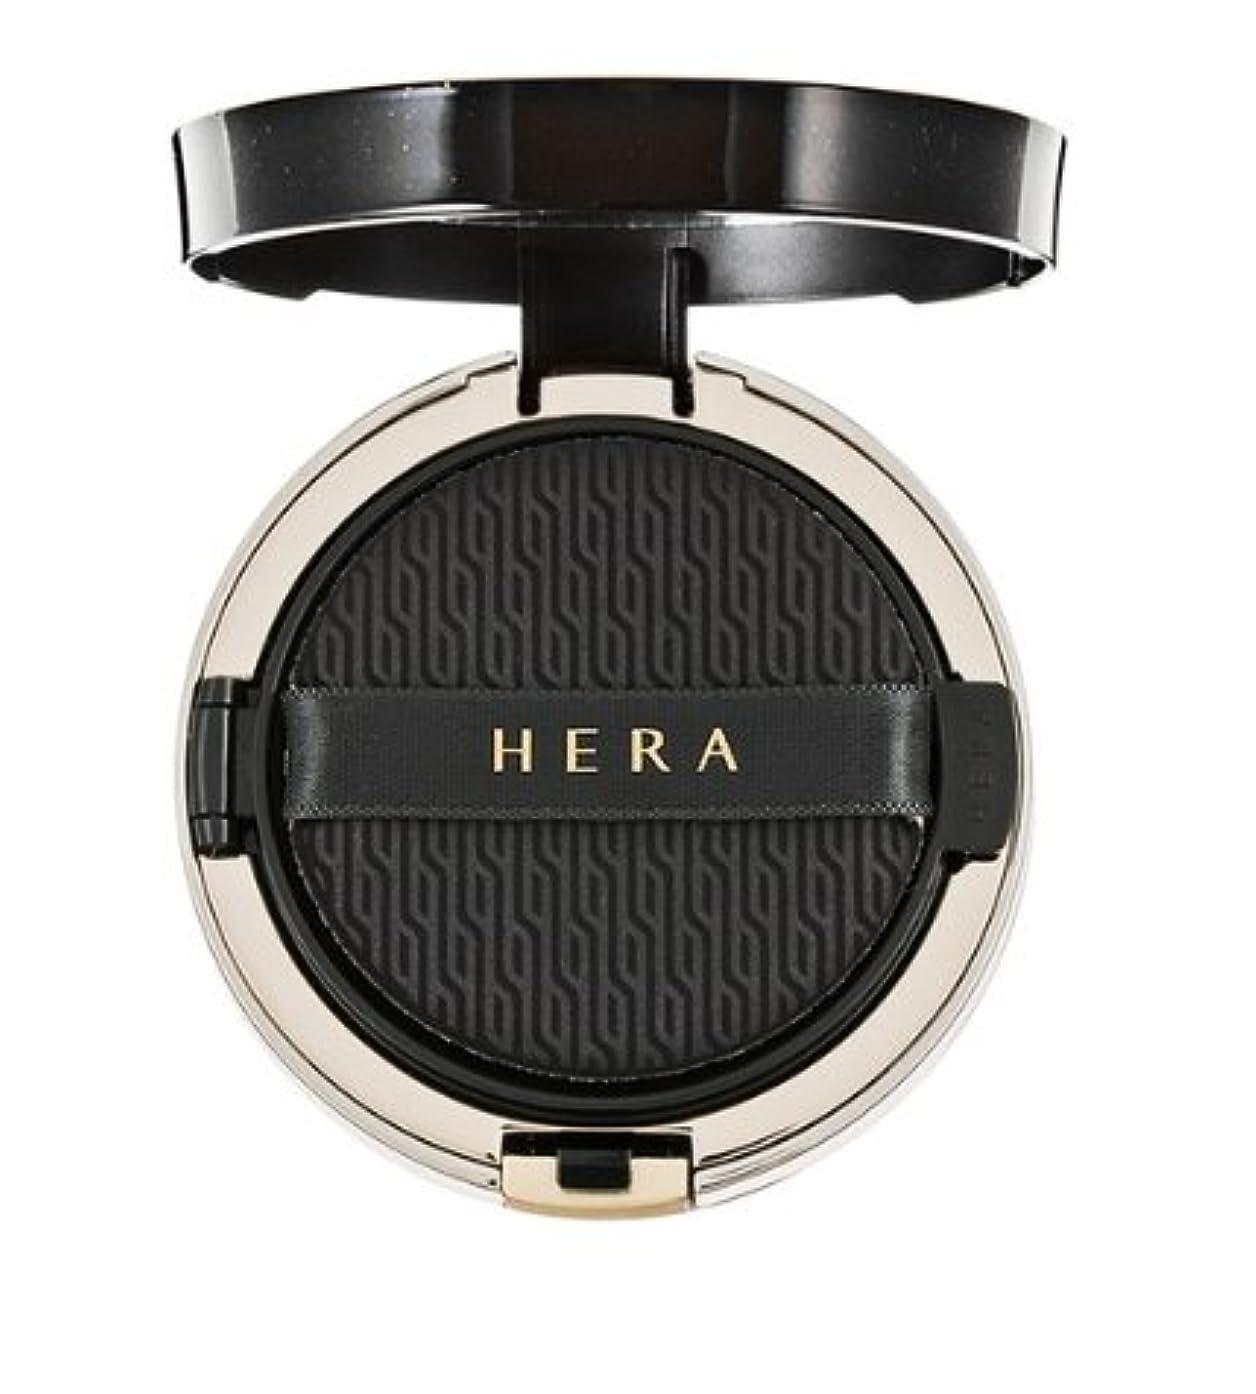 脆いなに金額(ヘラ) Hera ブラッククッション SPF34/PA++ 本品15g+リフィール15g / Black Cushion SPF34/PA++ 15g+Refil15g (No.21 banila) (韓国直発送) shumaman